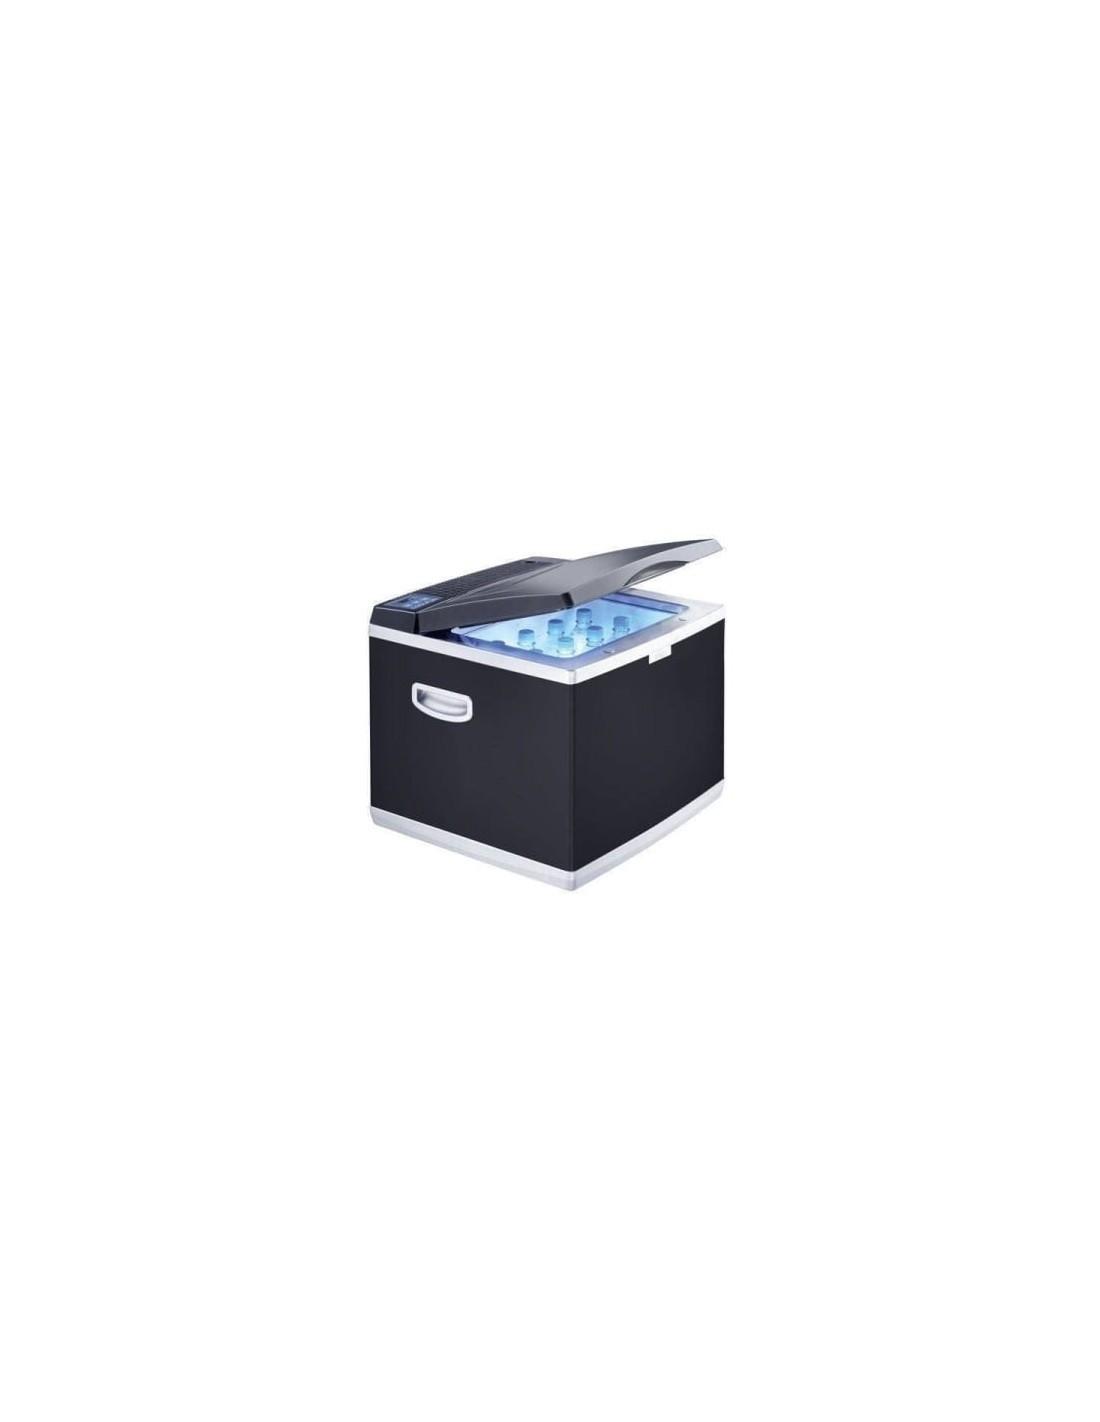 waeco k hlbox 12v 230v coolfun ck 40d hybrid. Black Bedroom Furniture Sets. Home Design Ideas